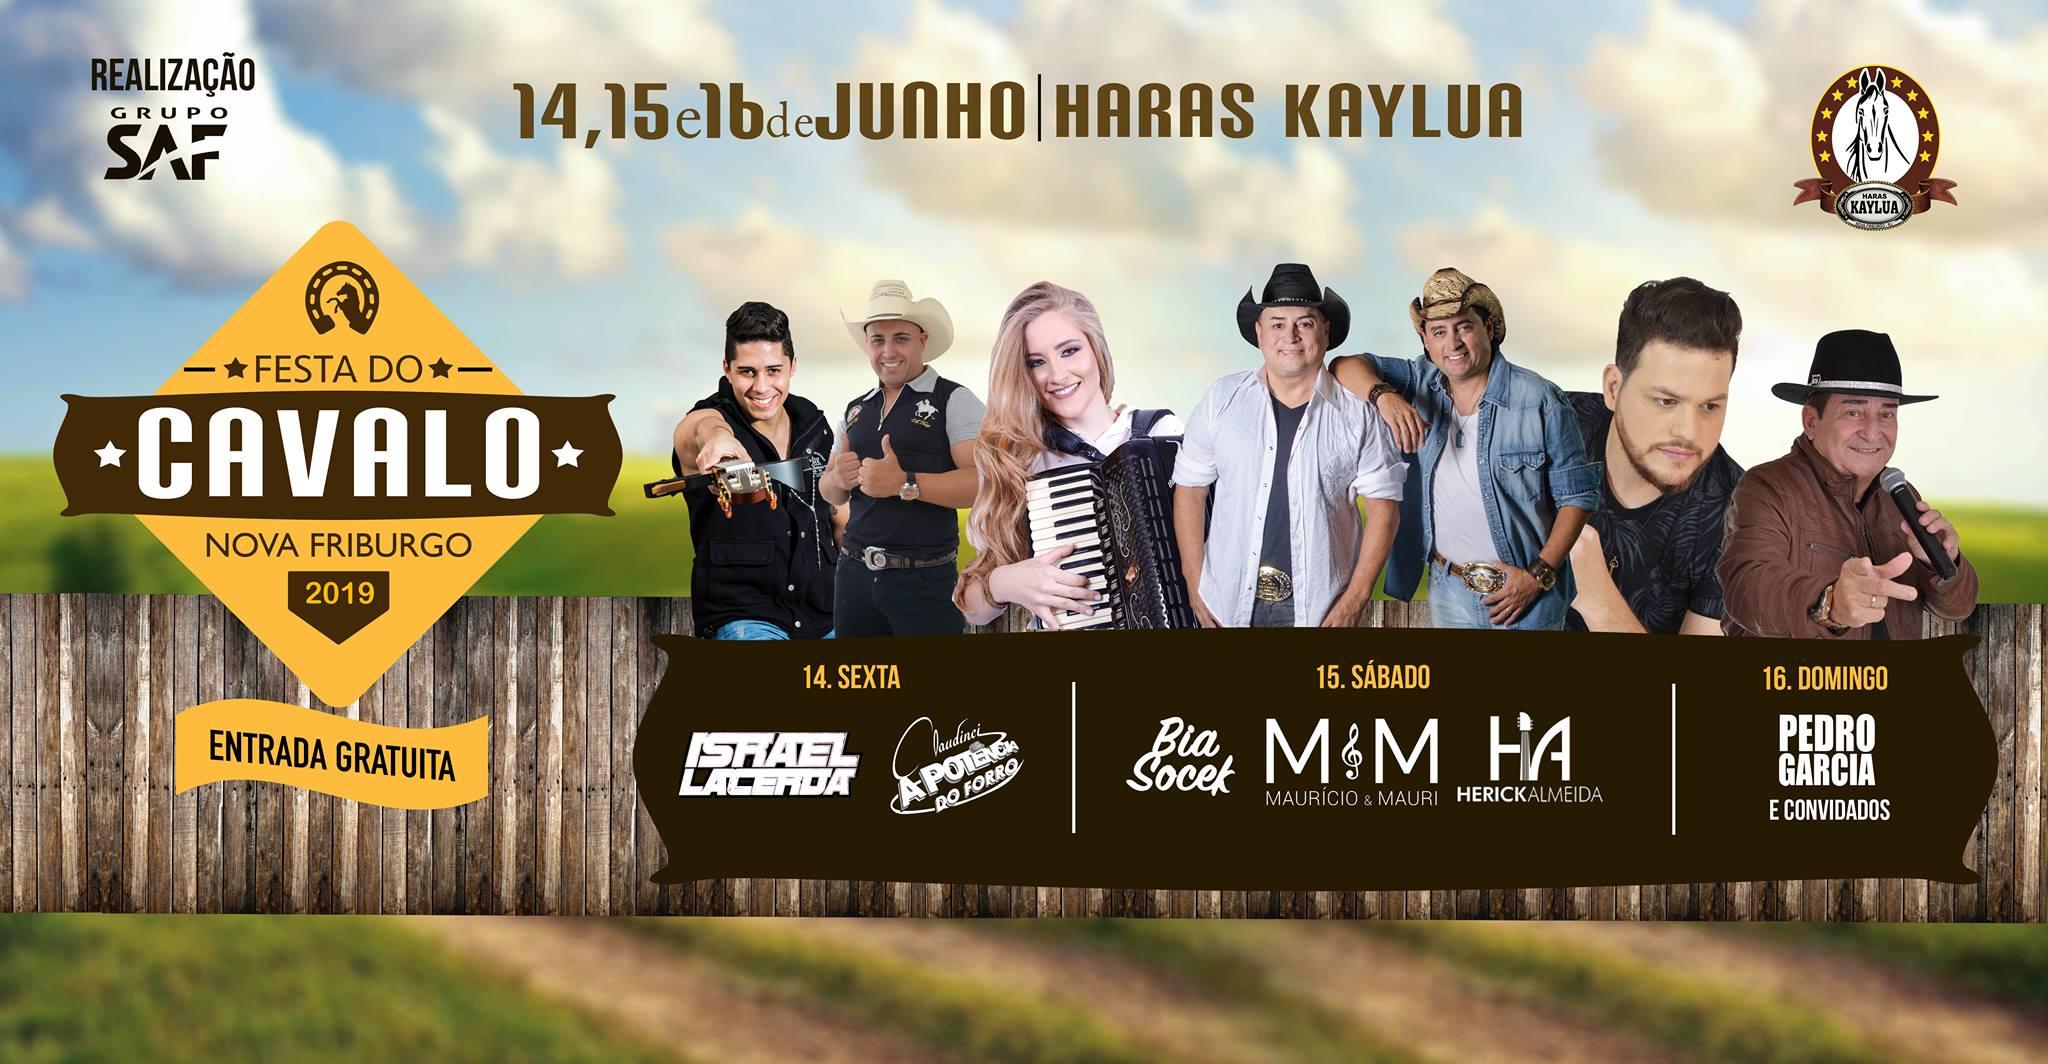 Fim de semana com Mega Festa do Cavalo, Rock do Agasalho e outras atrações